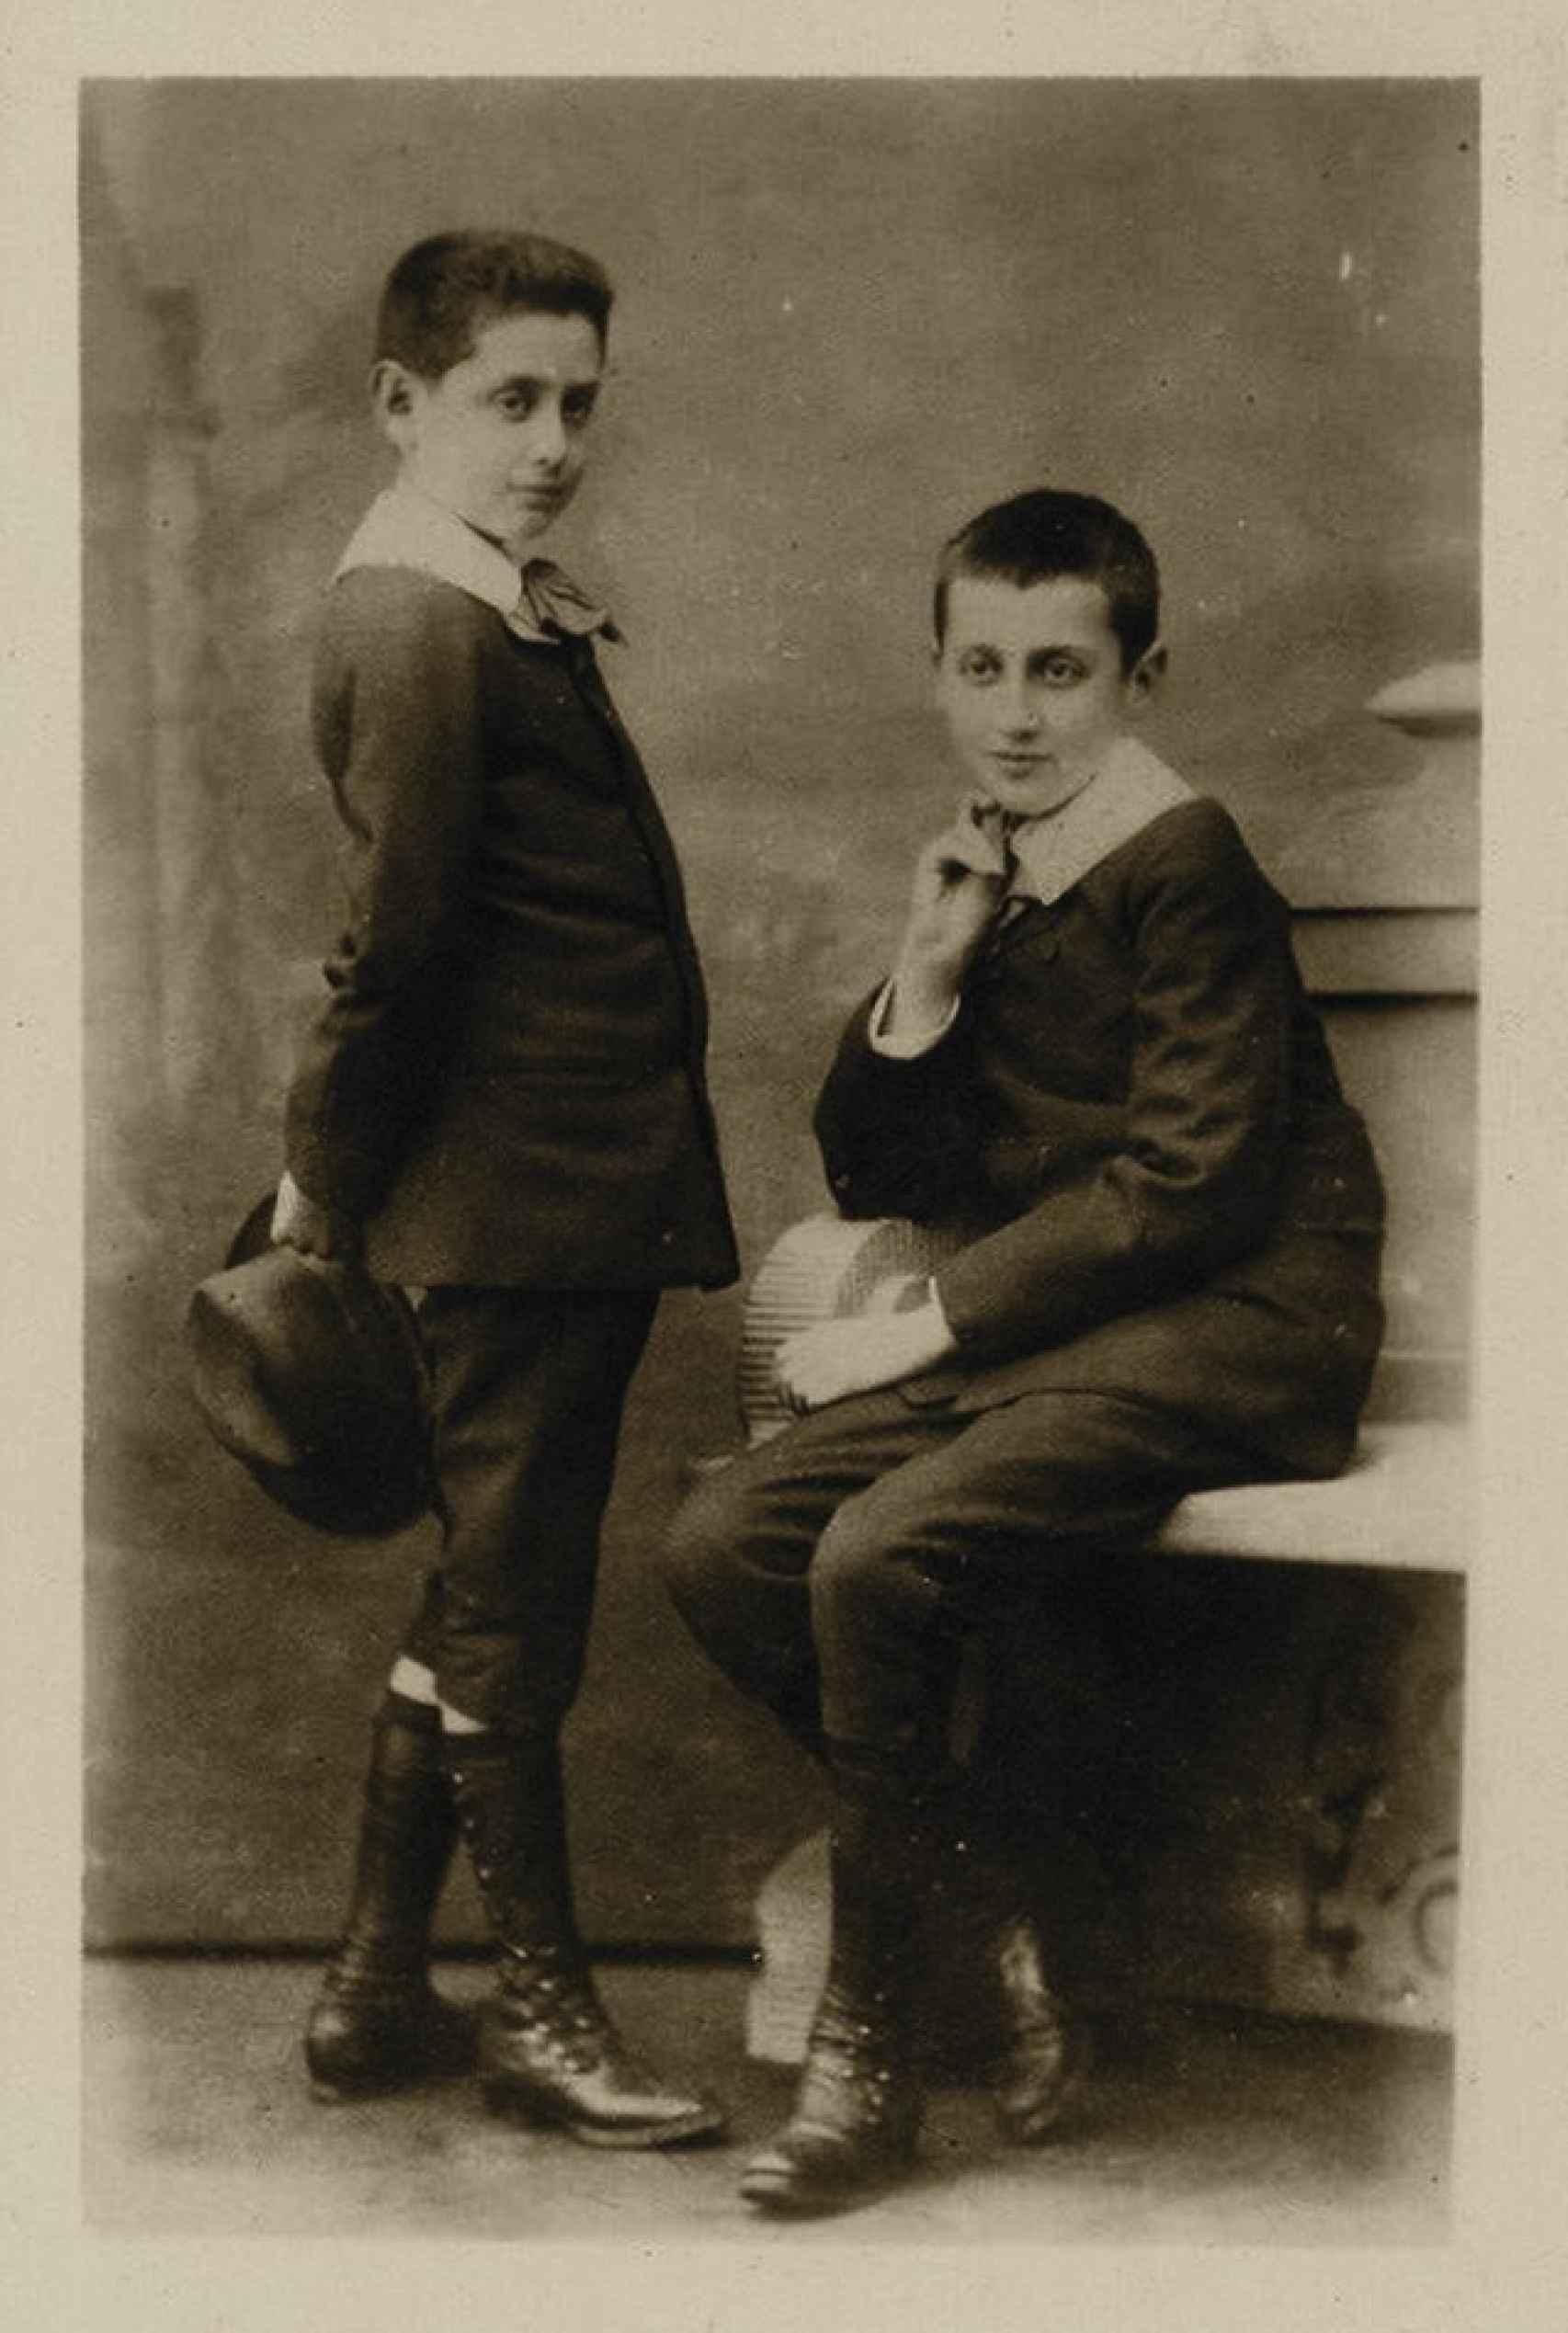 Marcel y Robert Proust